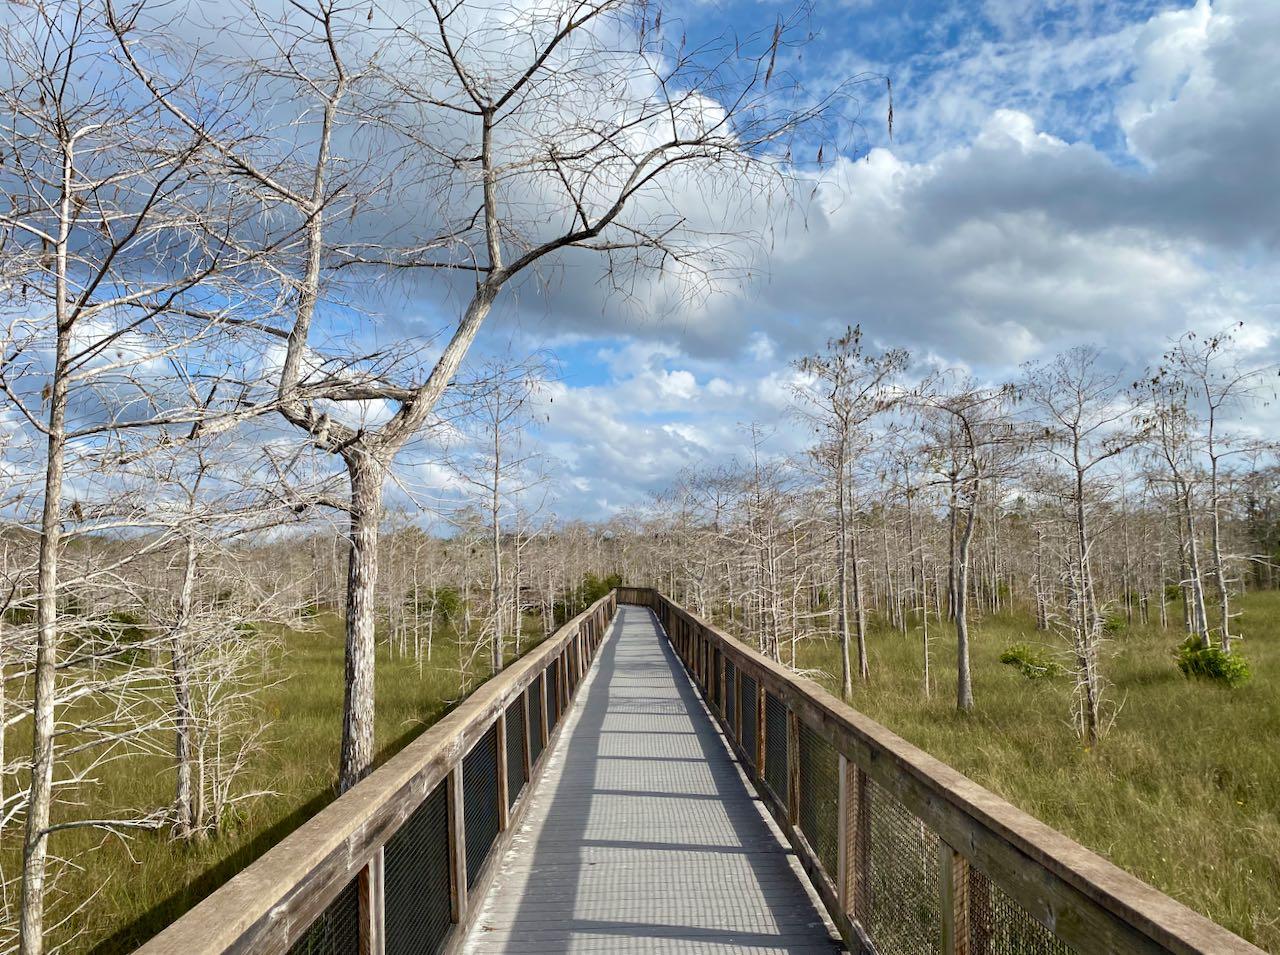 Kirby Storter Roadside Park and Boardwalk 17 steder å stoppe langs Tamiami Trail/ U.S Highway 41